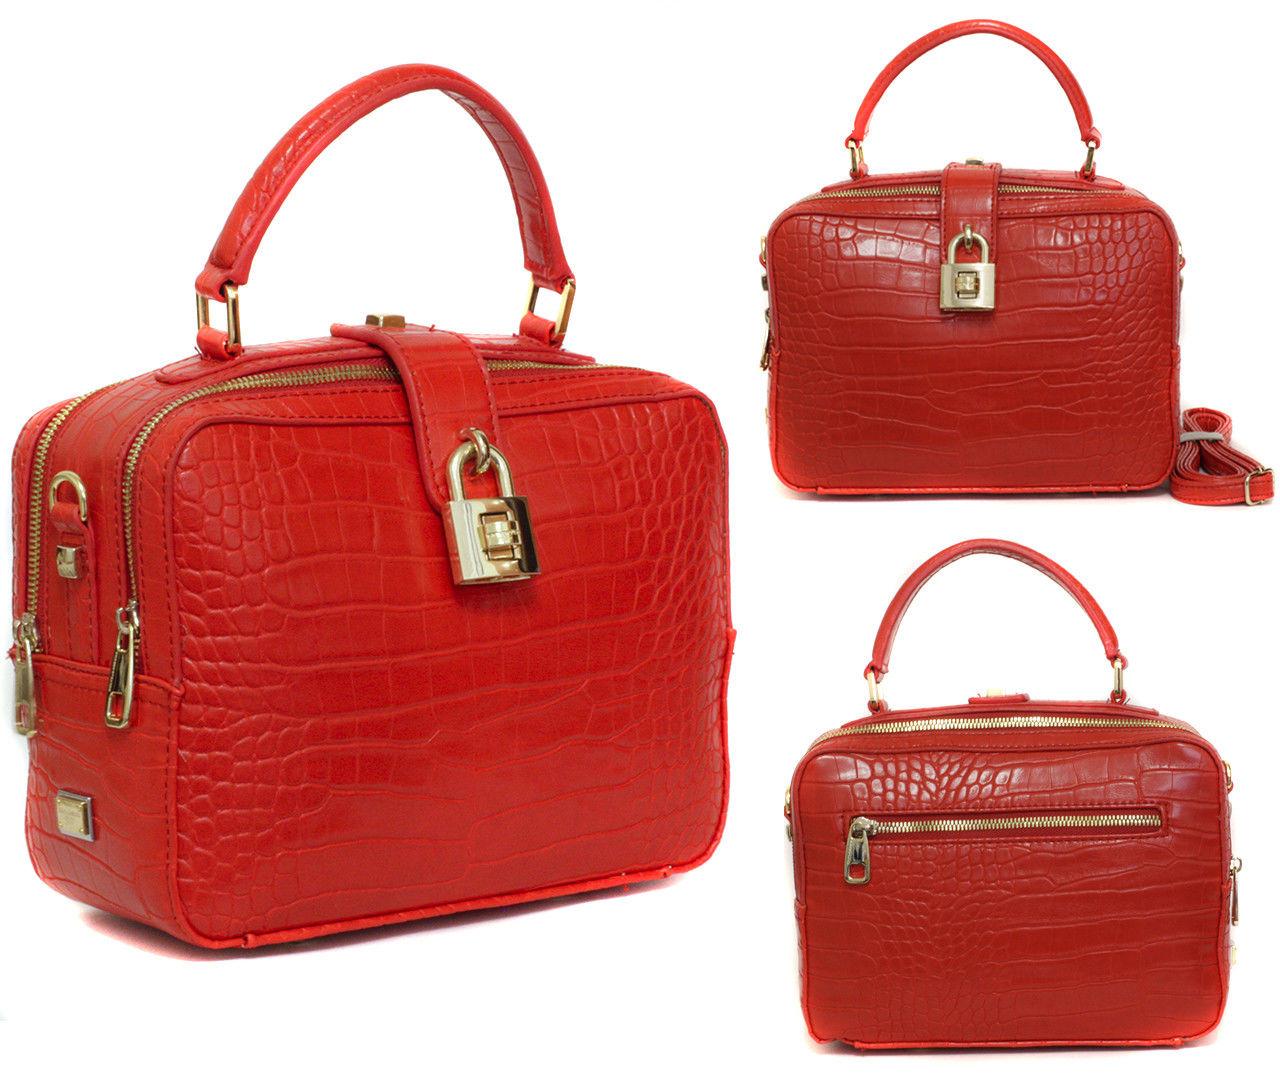 Распродажа сумок Женская одежда ASOS